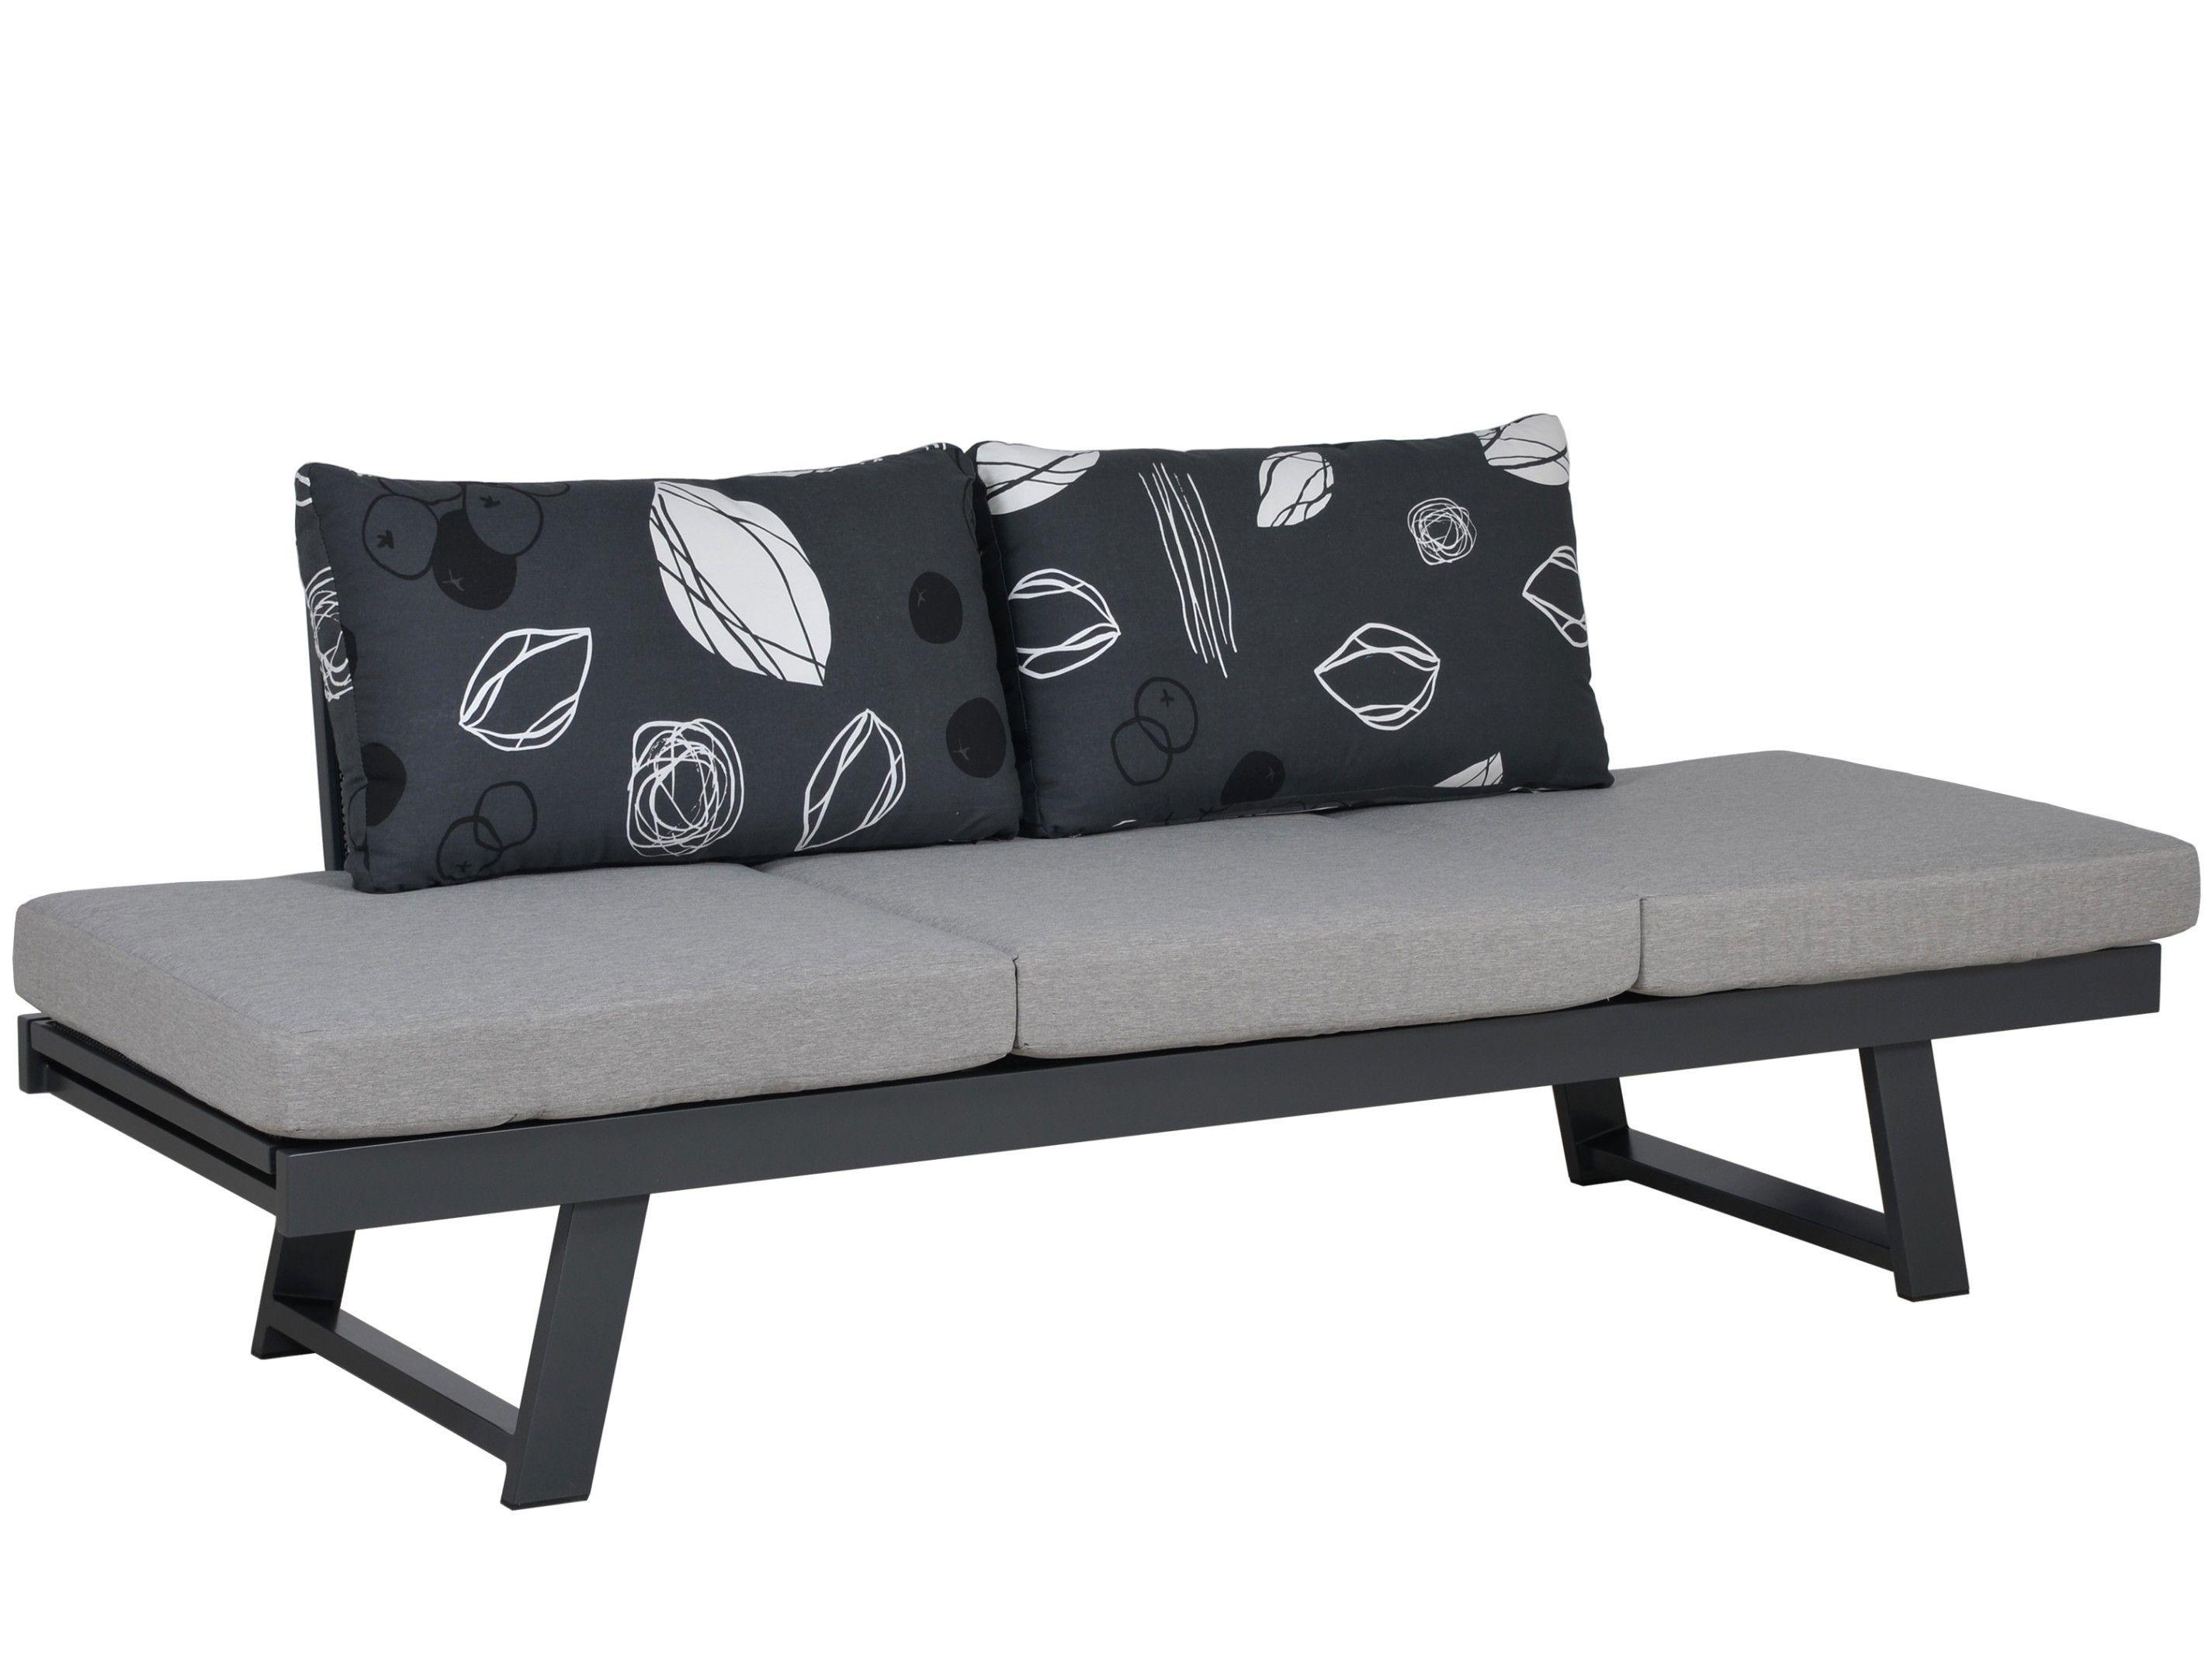 Schon Big Sofa Mit Led Couch Mobel Di 2018 Pinterest Sofa